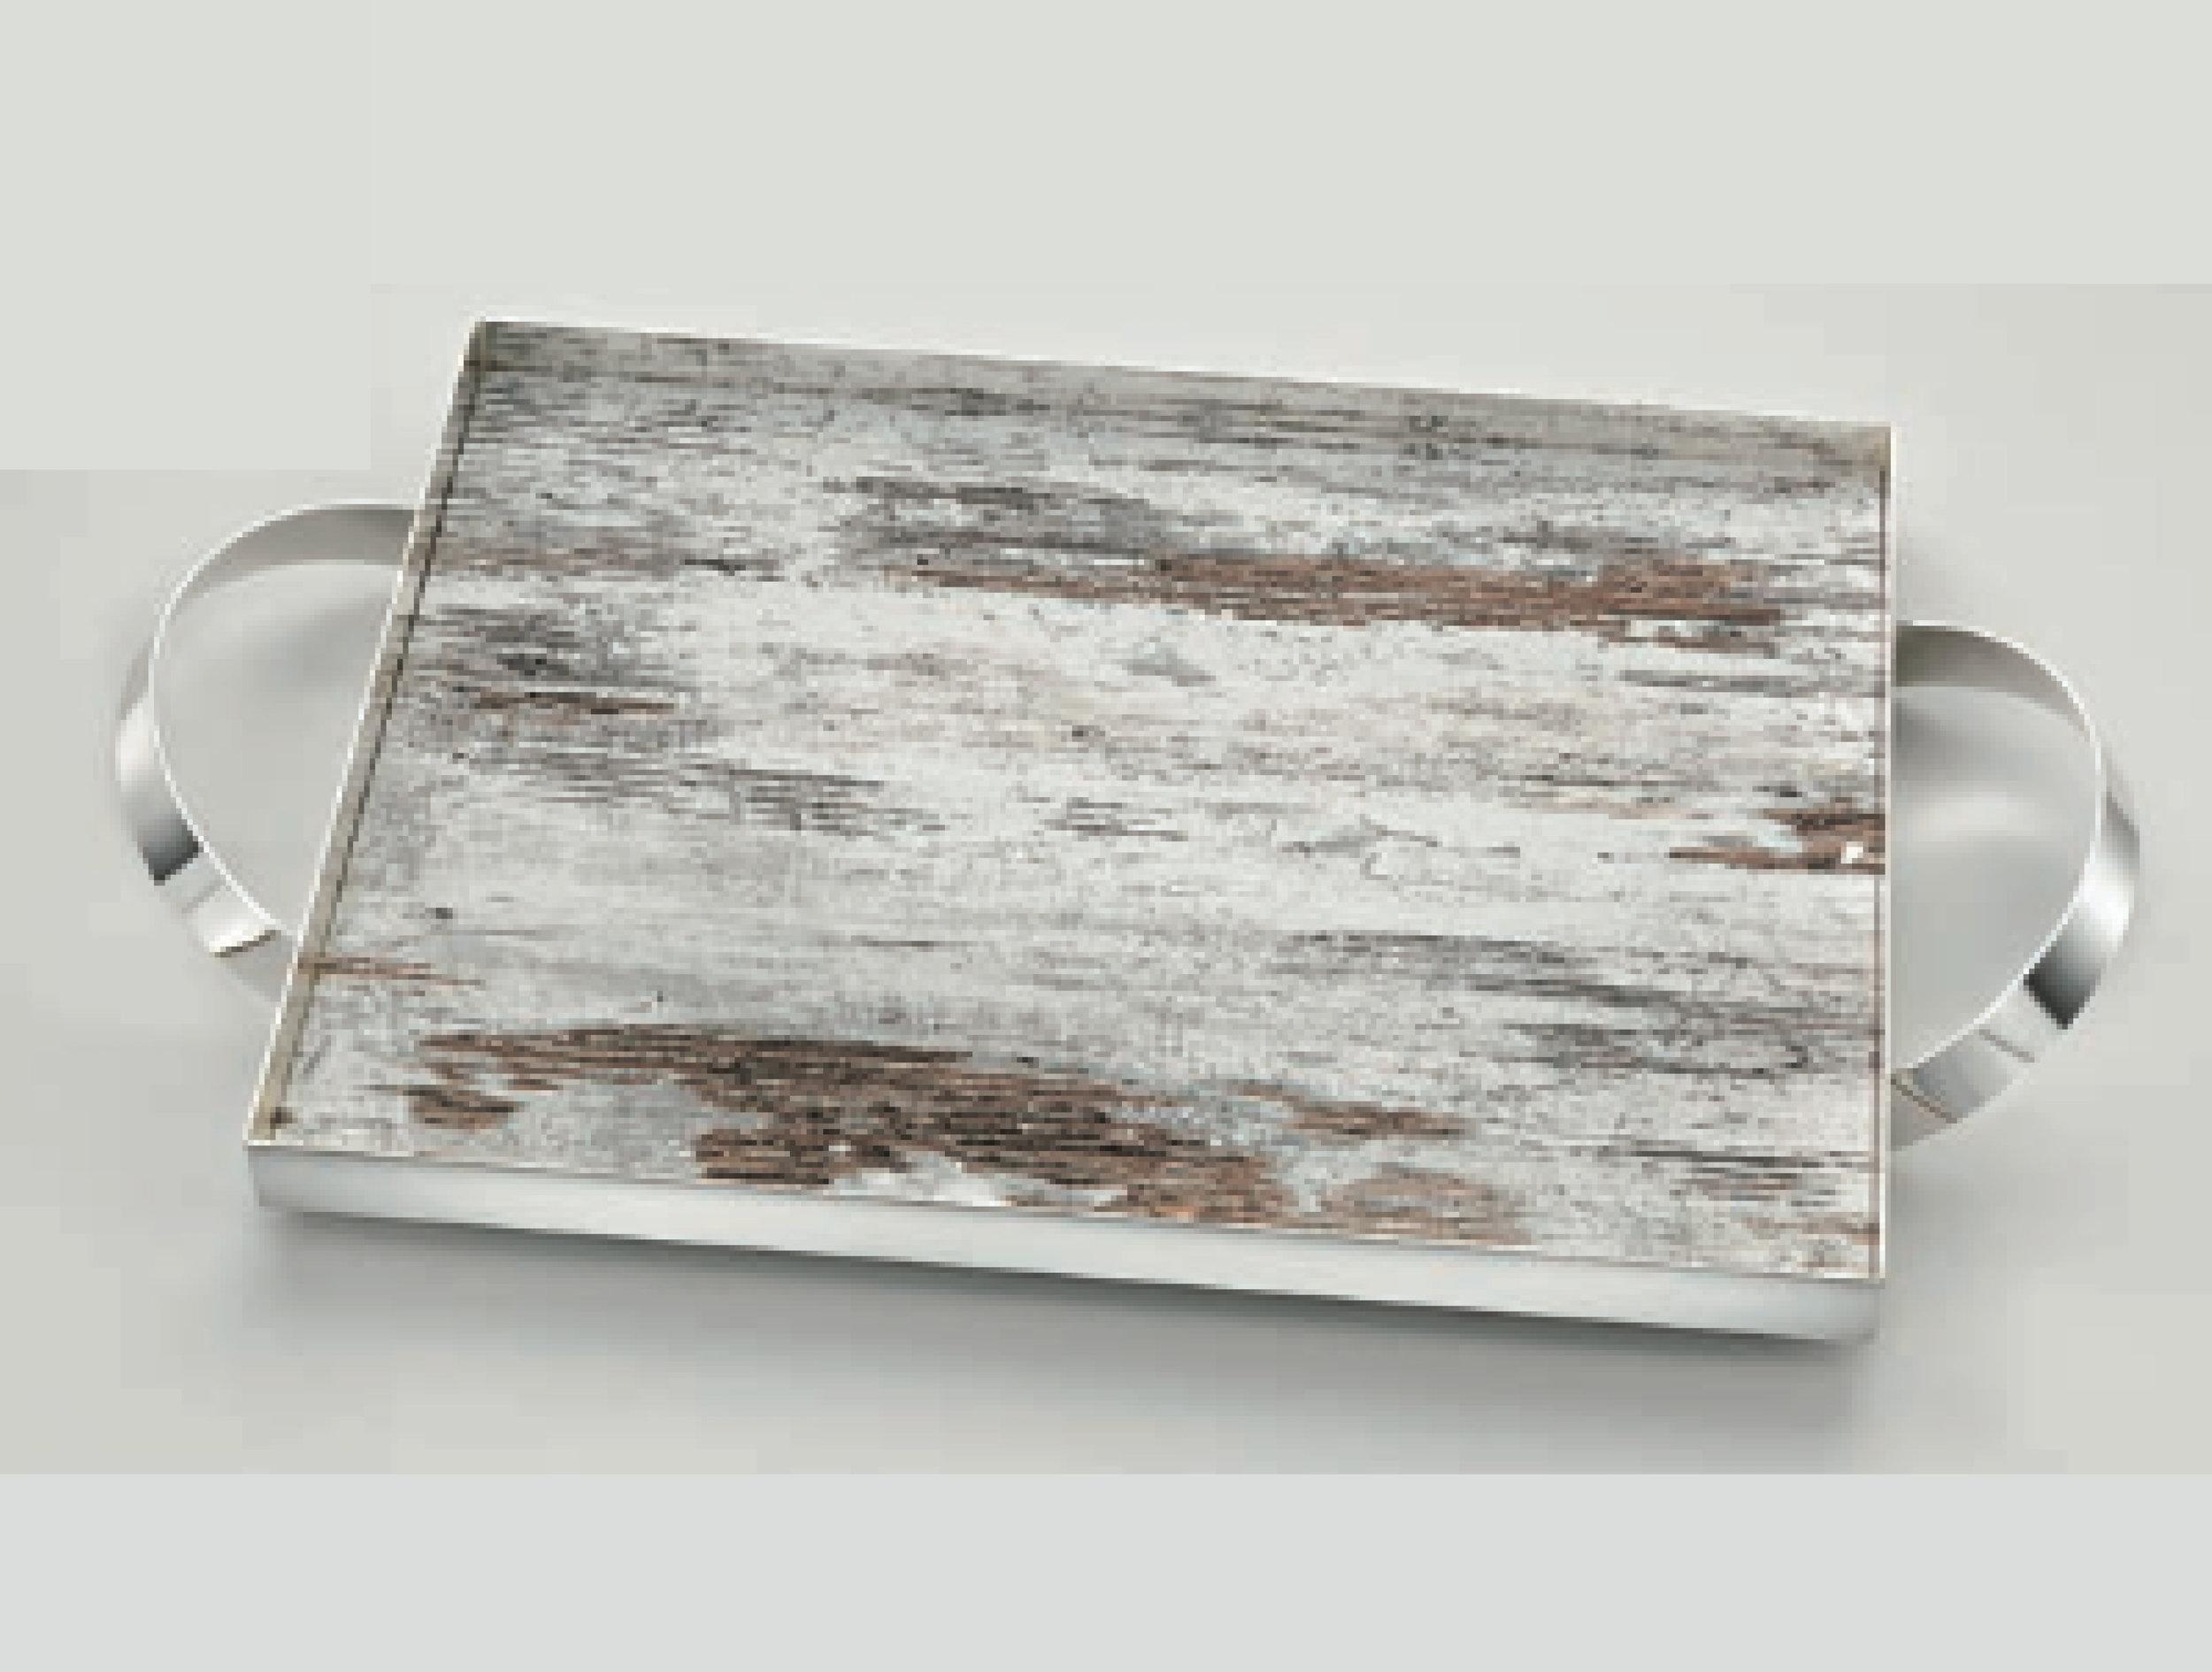 Δίσκος_006 / Τιμή : 125,00€